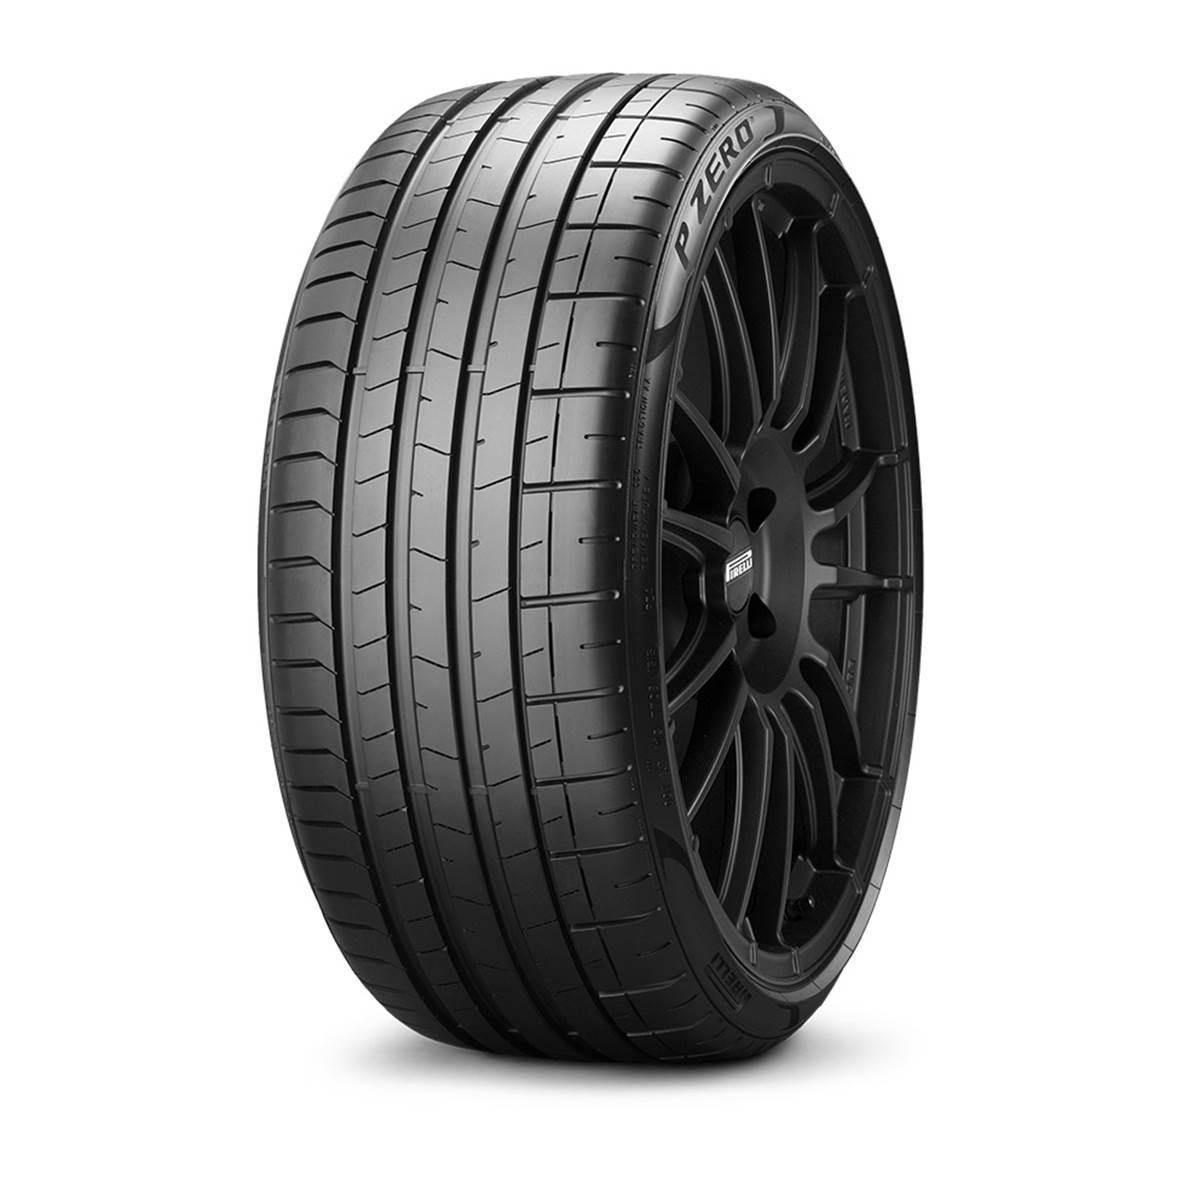 Pneu Runflat Pirelli 255/35R19 96Y Pzero XL